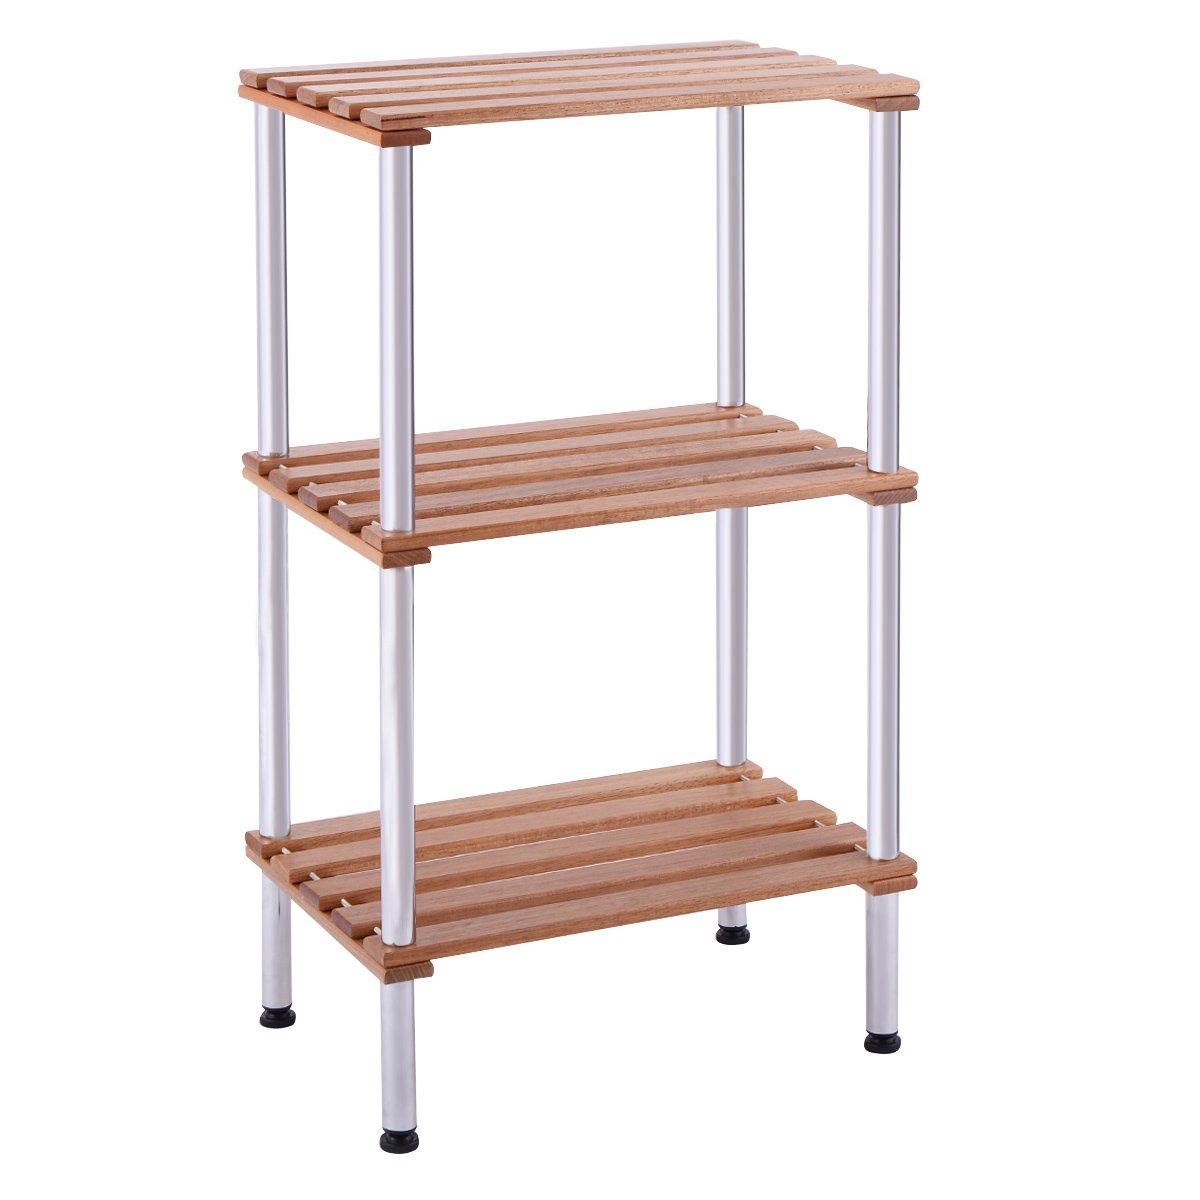 Giantex 3 Tiers Wood Slat Storage Display Rack Shelves Steel Frame Home Office Furniture (3 Tiers)